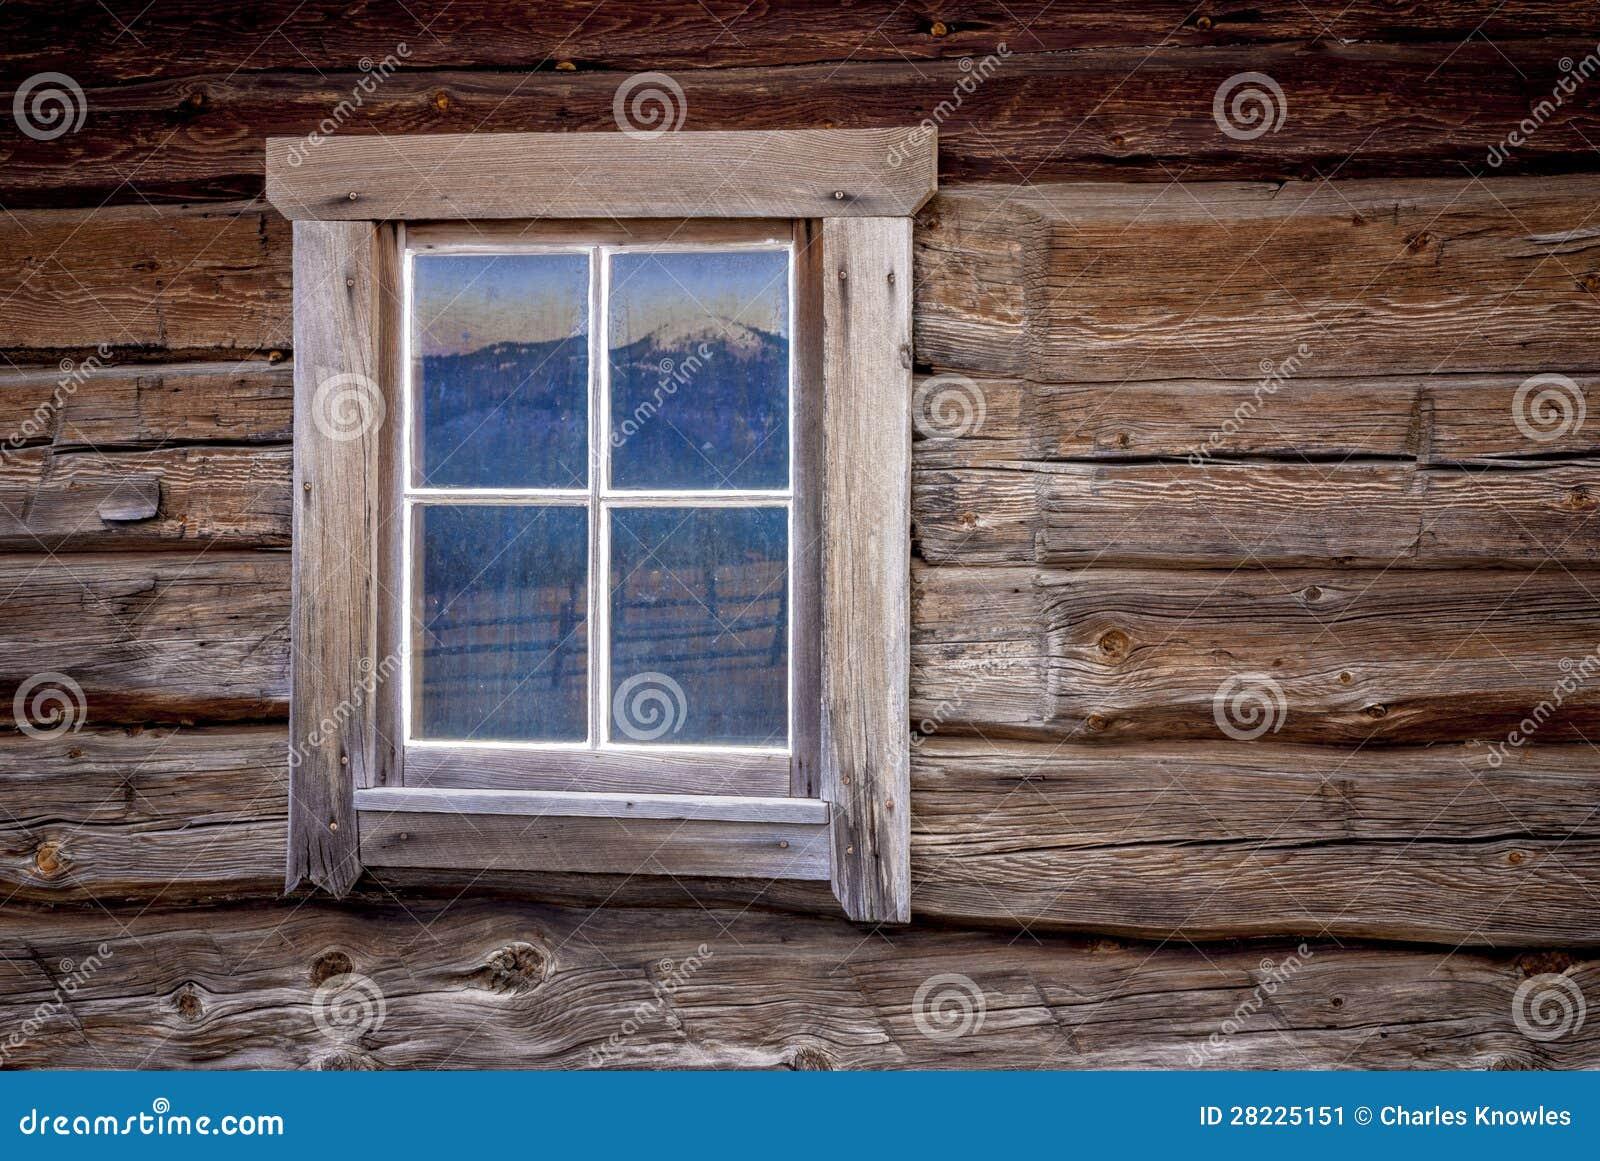 Finestra di cabina del libro macchina con la riflessione for Planimetrie della cabina di log con soppalco